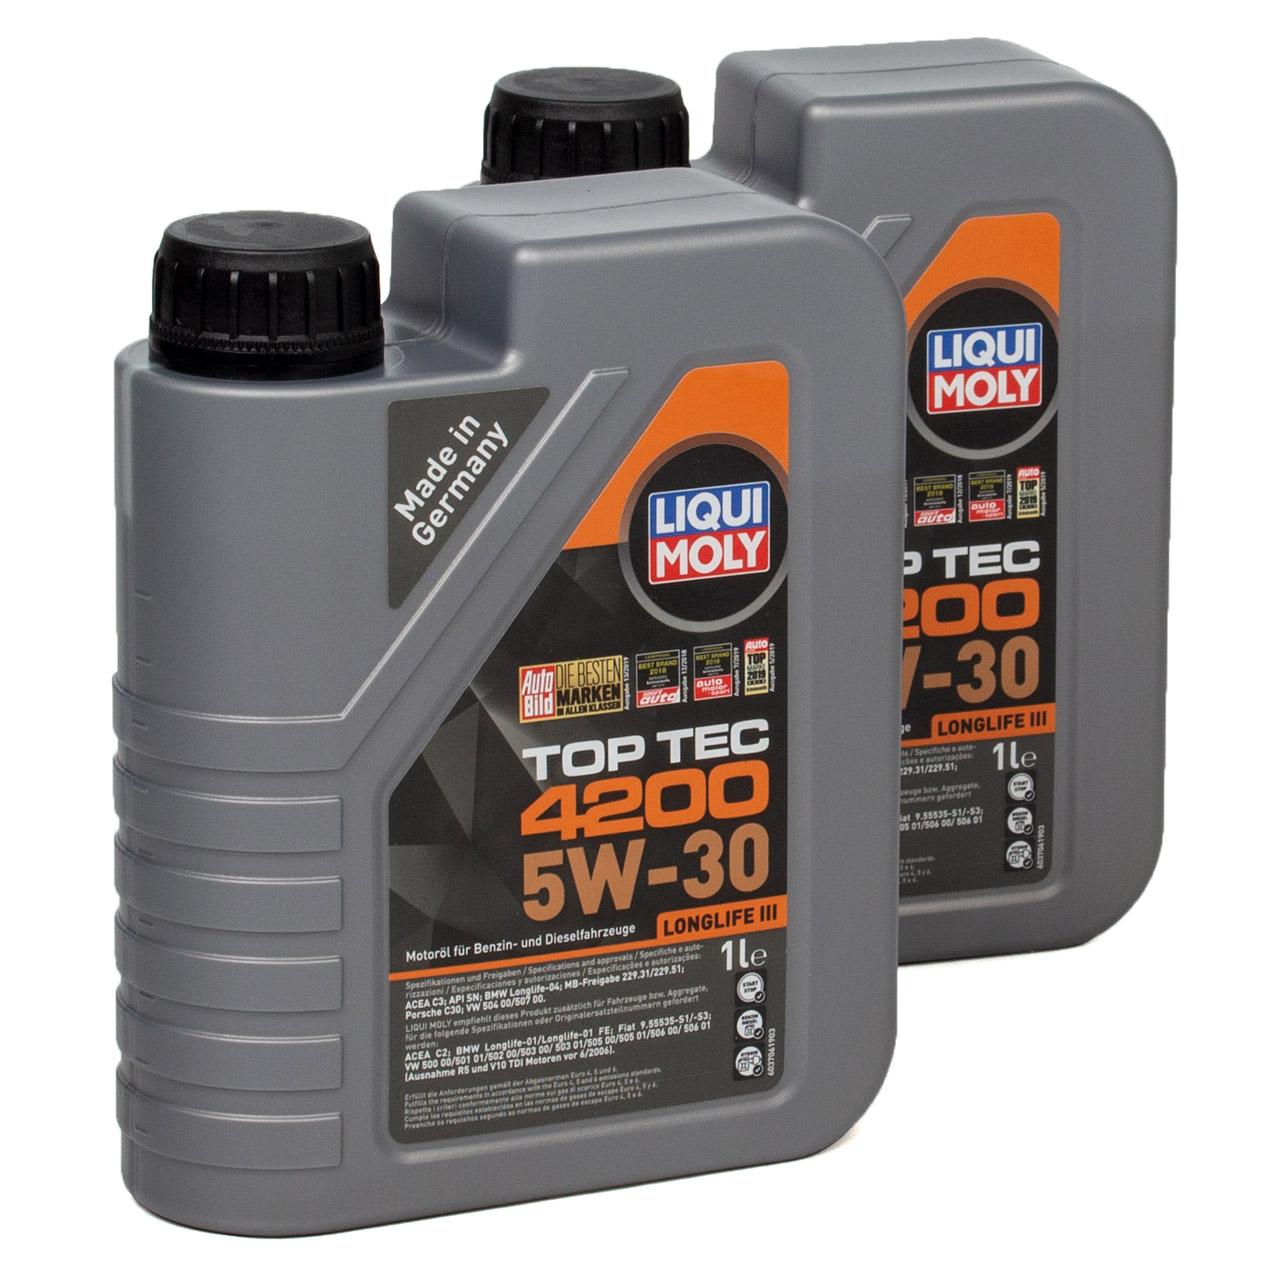 LIQUI MOLY 2L 2 Liter Motoröl Öl TOP TEC 4200 5W30 5W-30 3707 VW 504.00 507.00